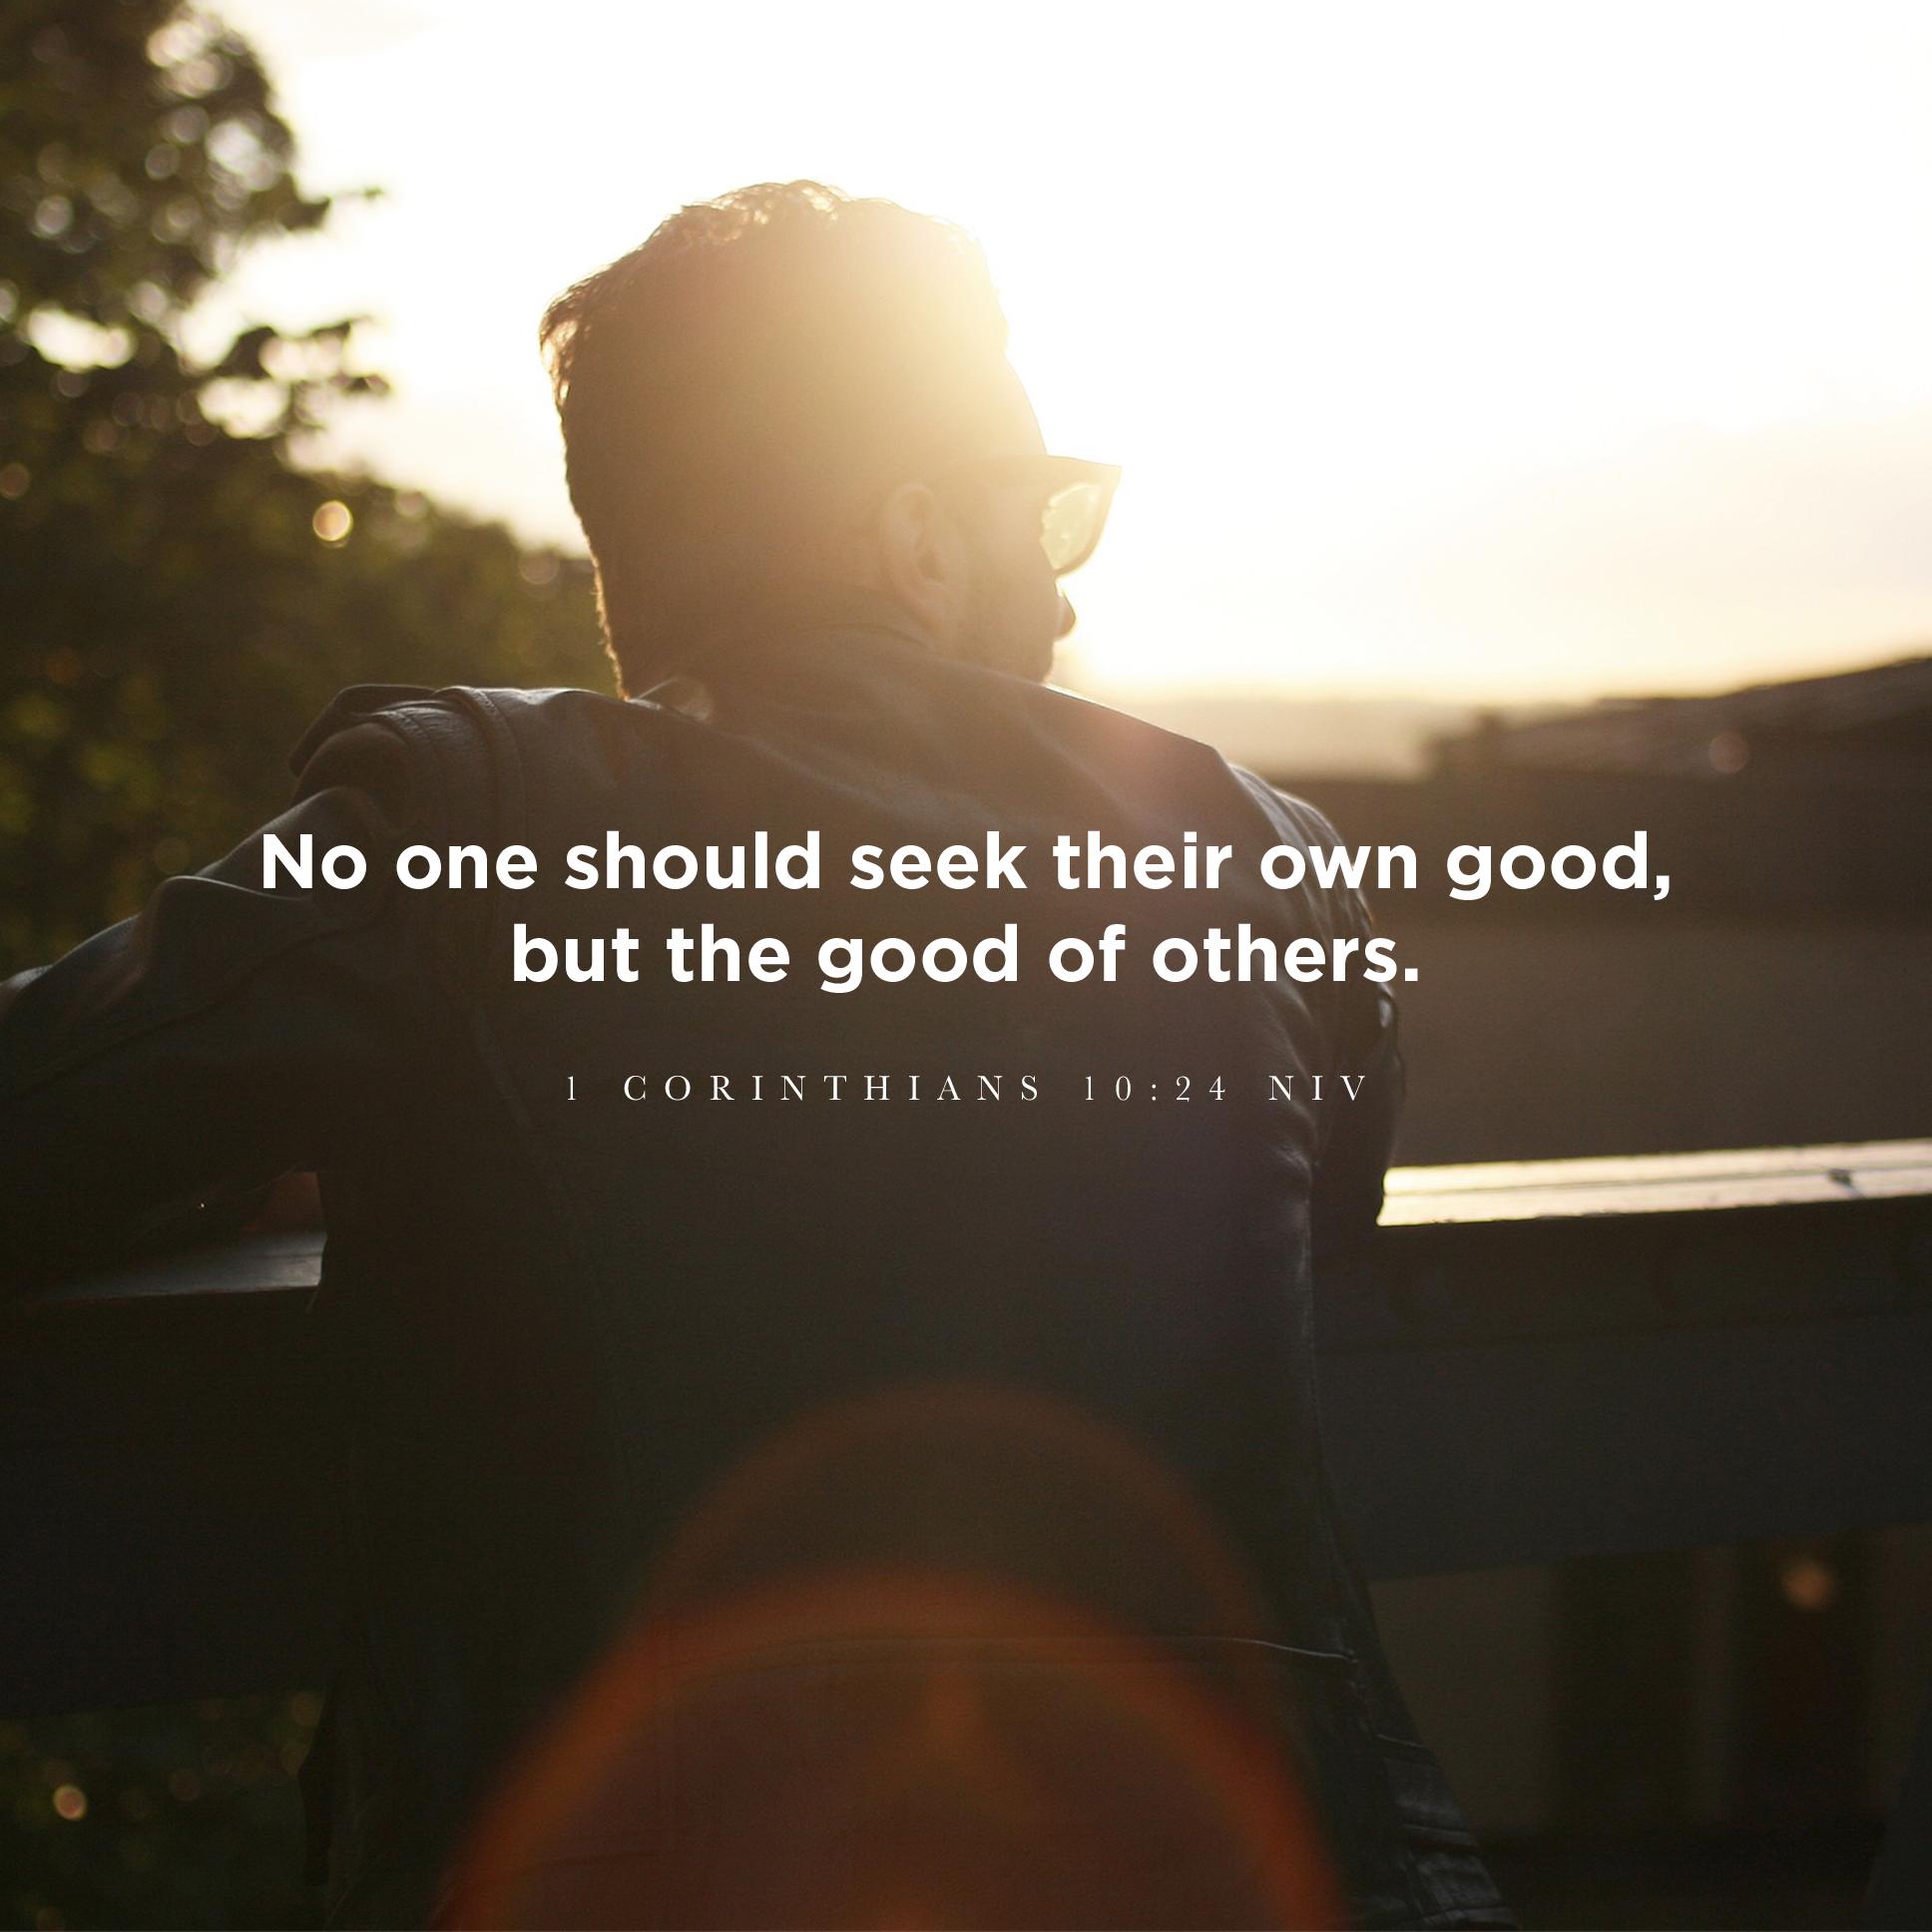 1 Corinthians 10:24 NIV